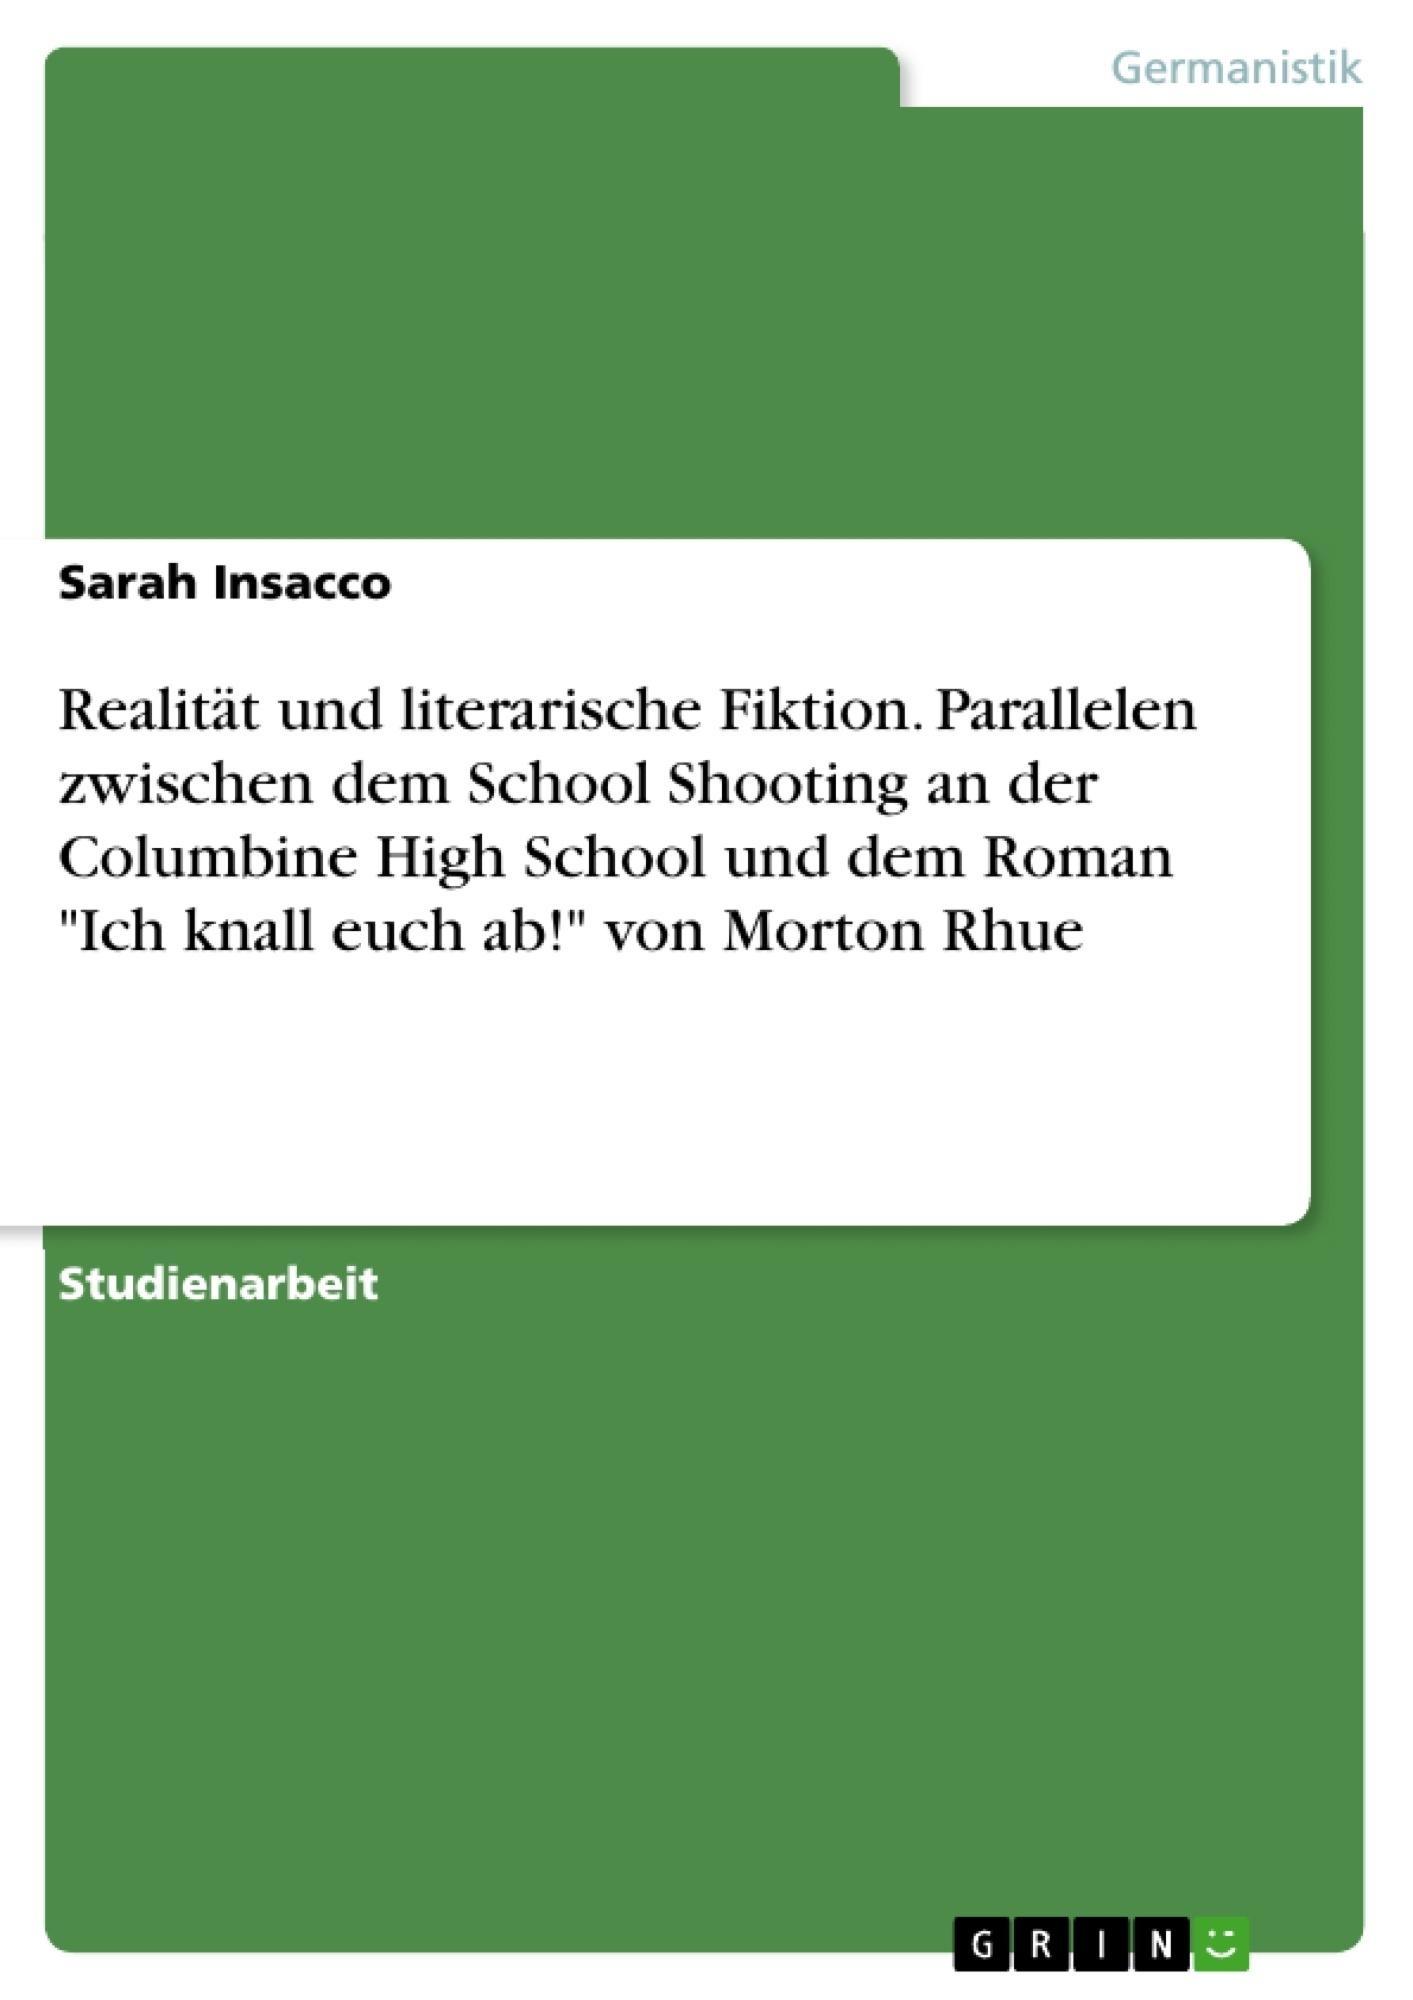 """Titel: Realität und literarische Fiktion. Parallelen zwischen dem School Shooting an der Columbine High School und dem Roman """"Ich knall euch ab!"""" von Morton Rhue"""